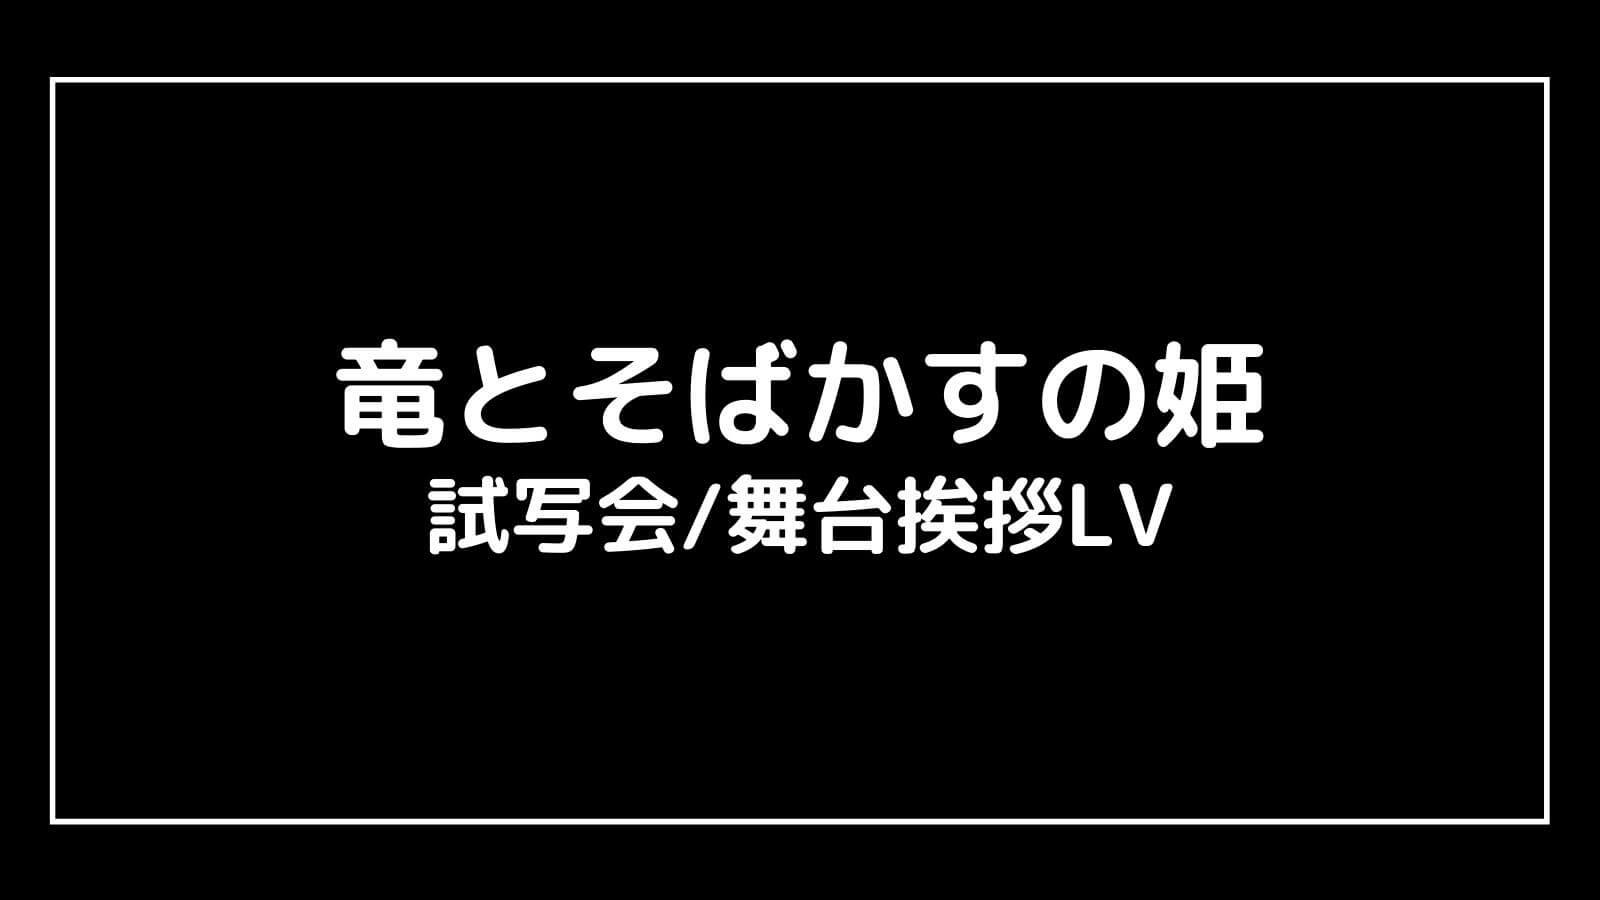 映画『竜とそばかすの姫』の試写会と舞台挨拶ライブビューイング情報